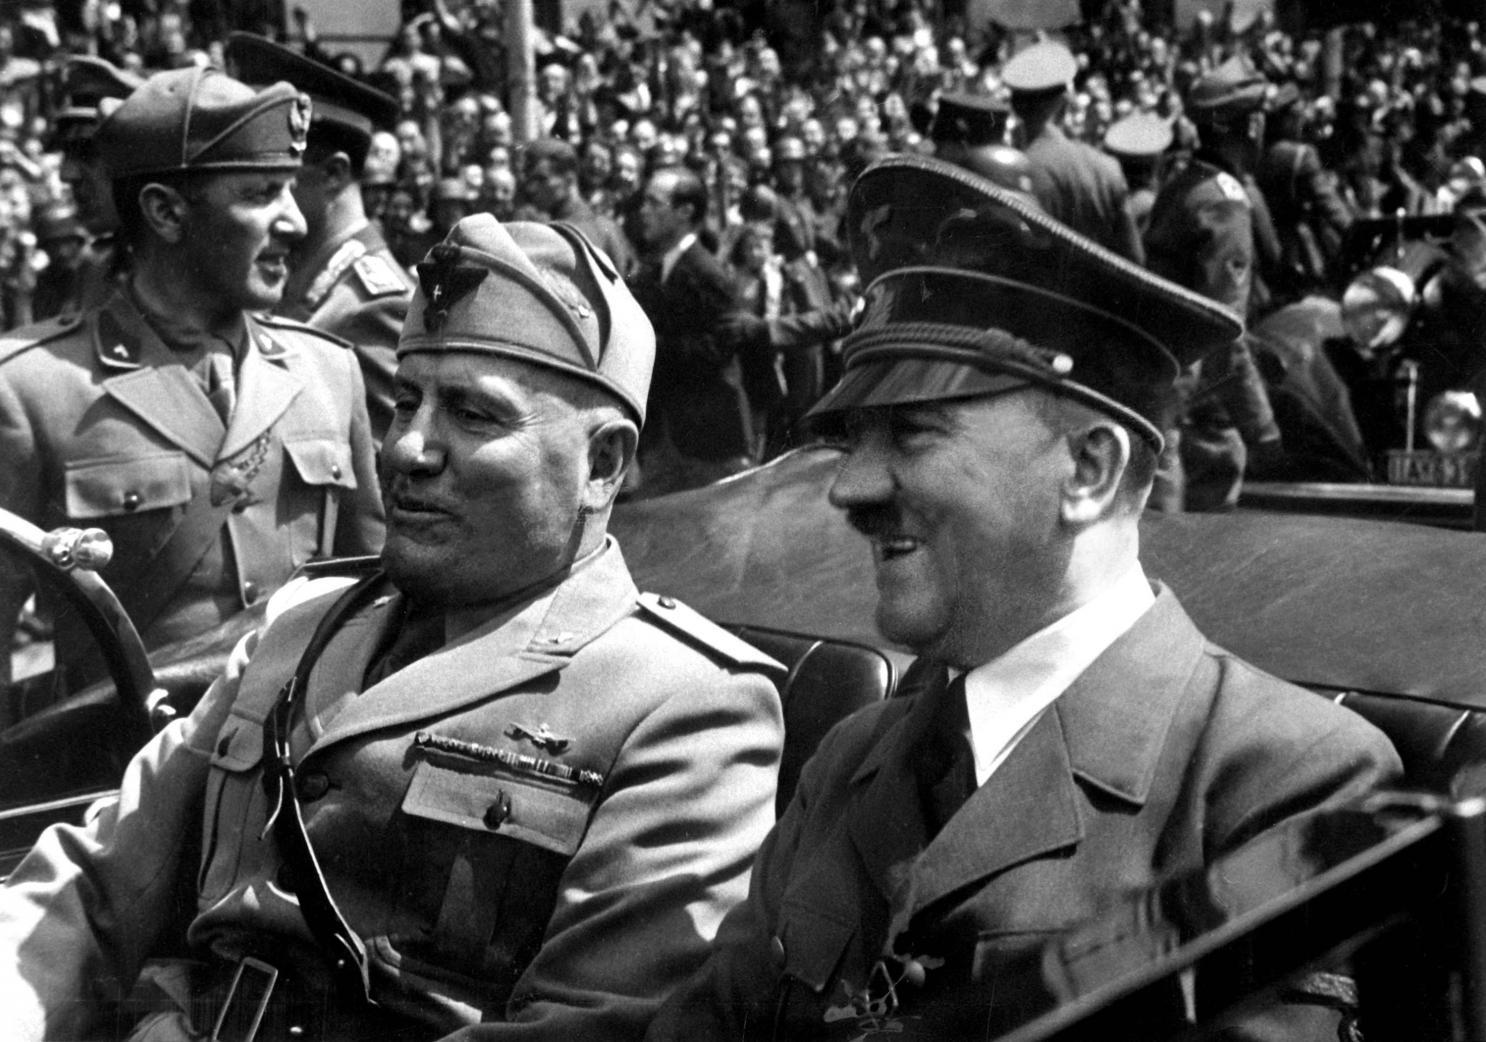 Mussolini Hitler